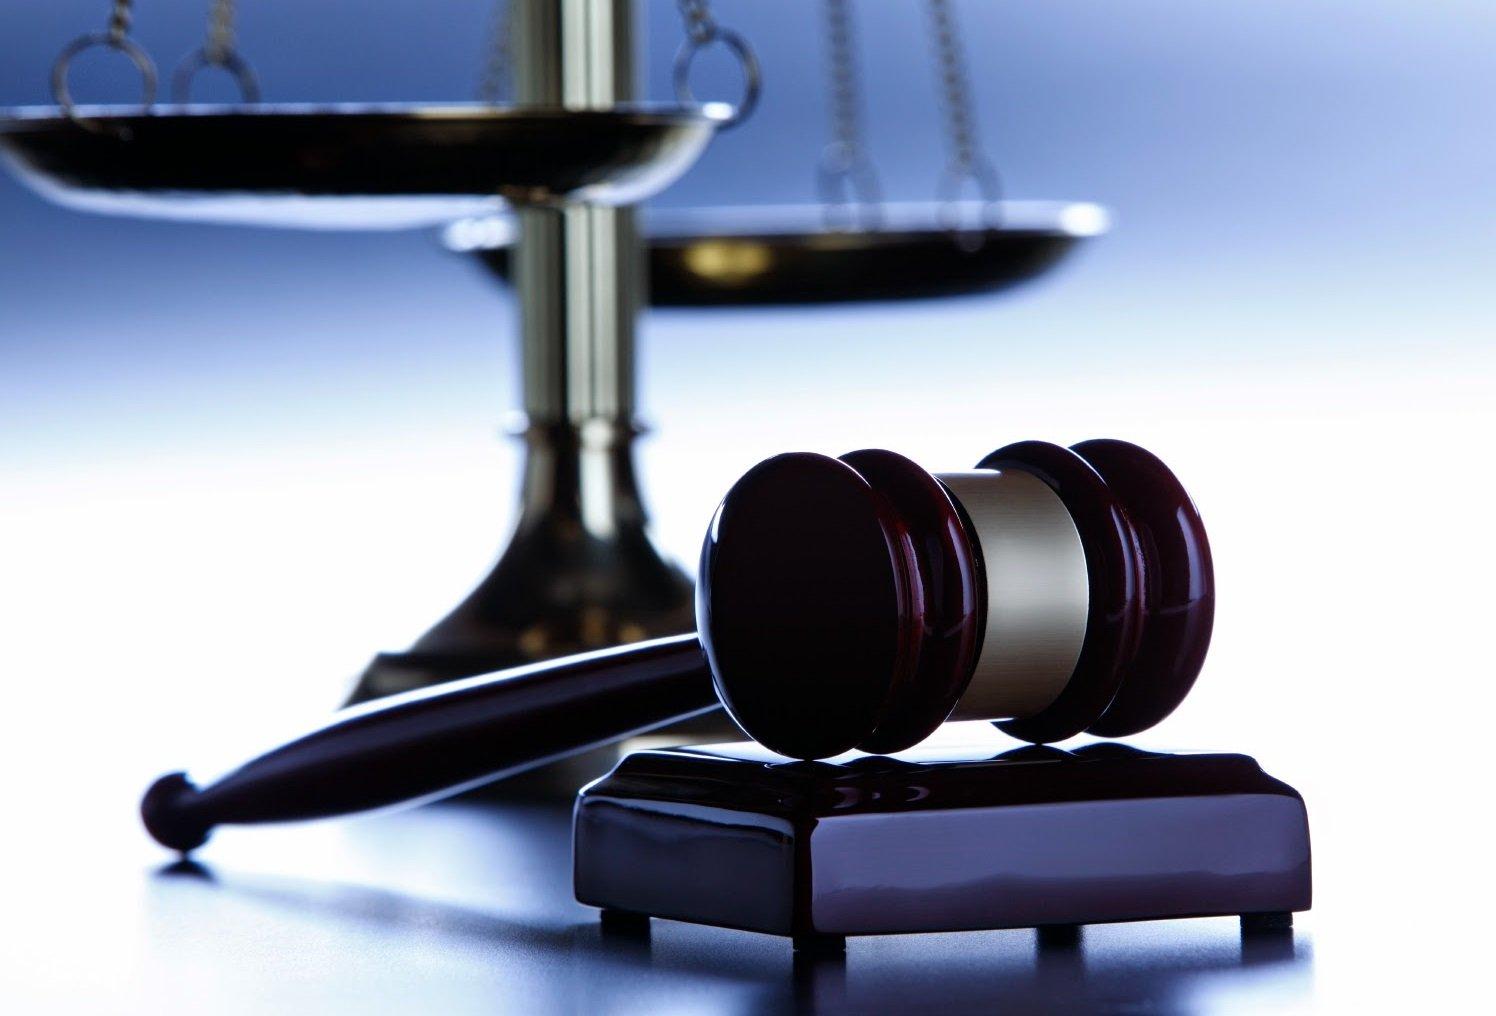 Direito penal, interpretação extensiva e ativismo judicial